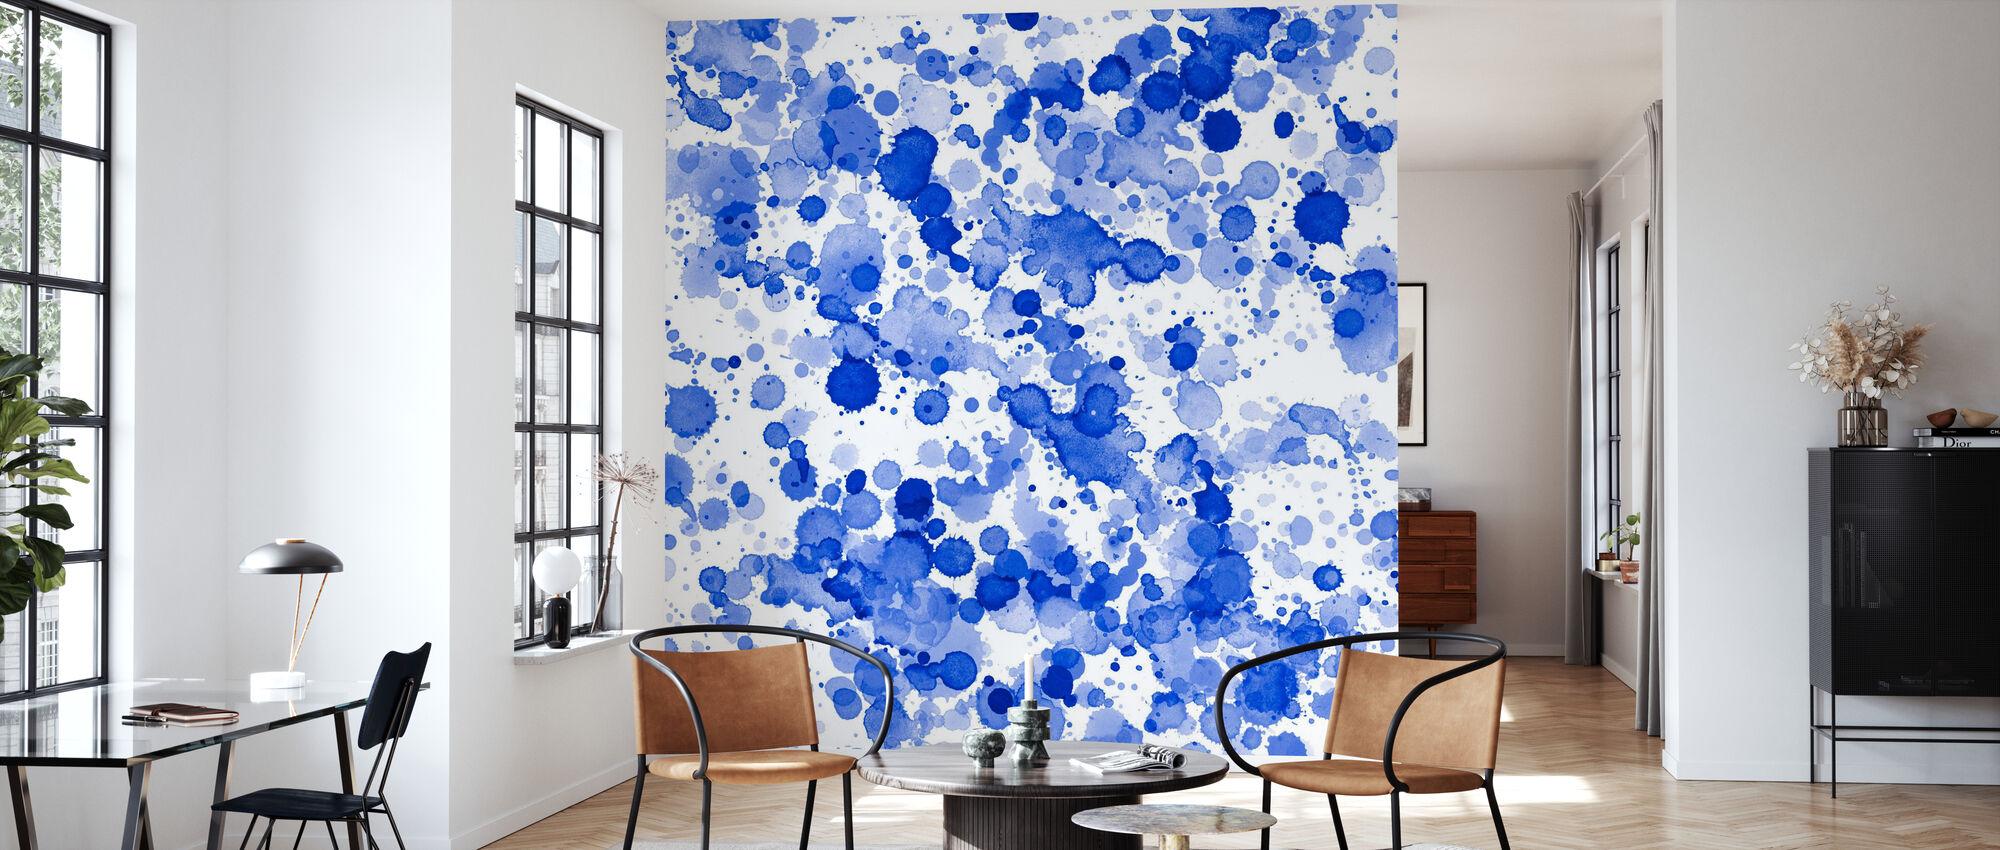 Blå dråber - Tapet - Stue